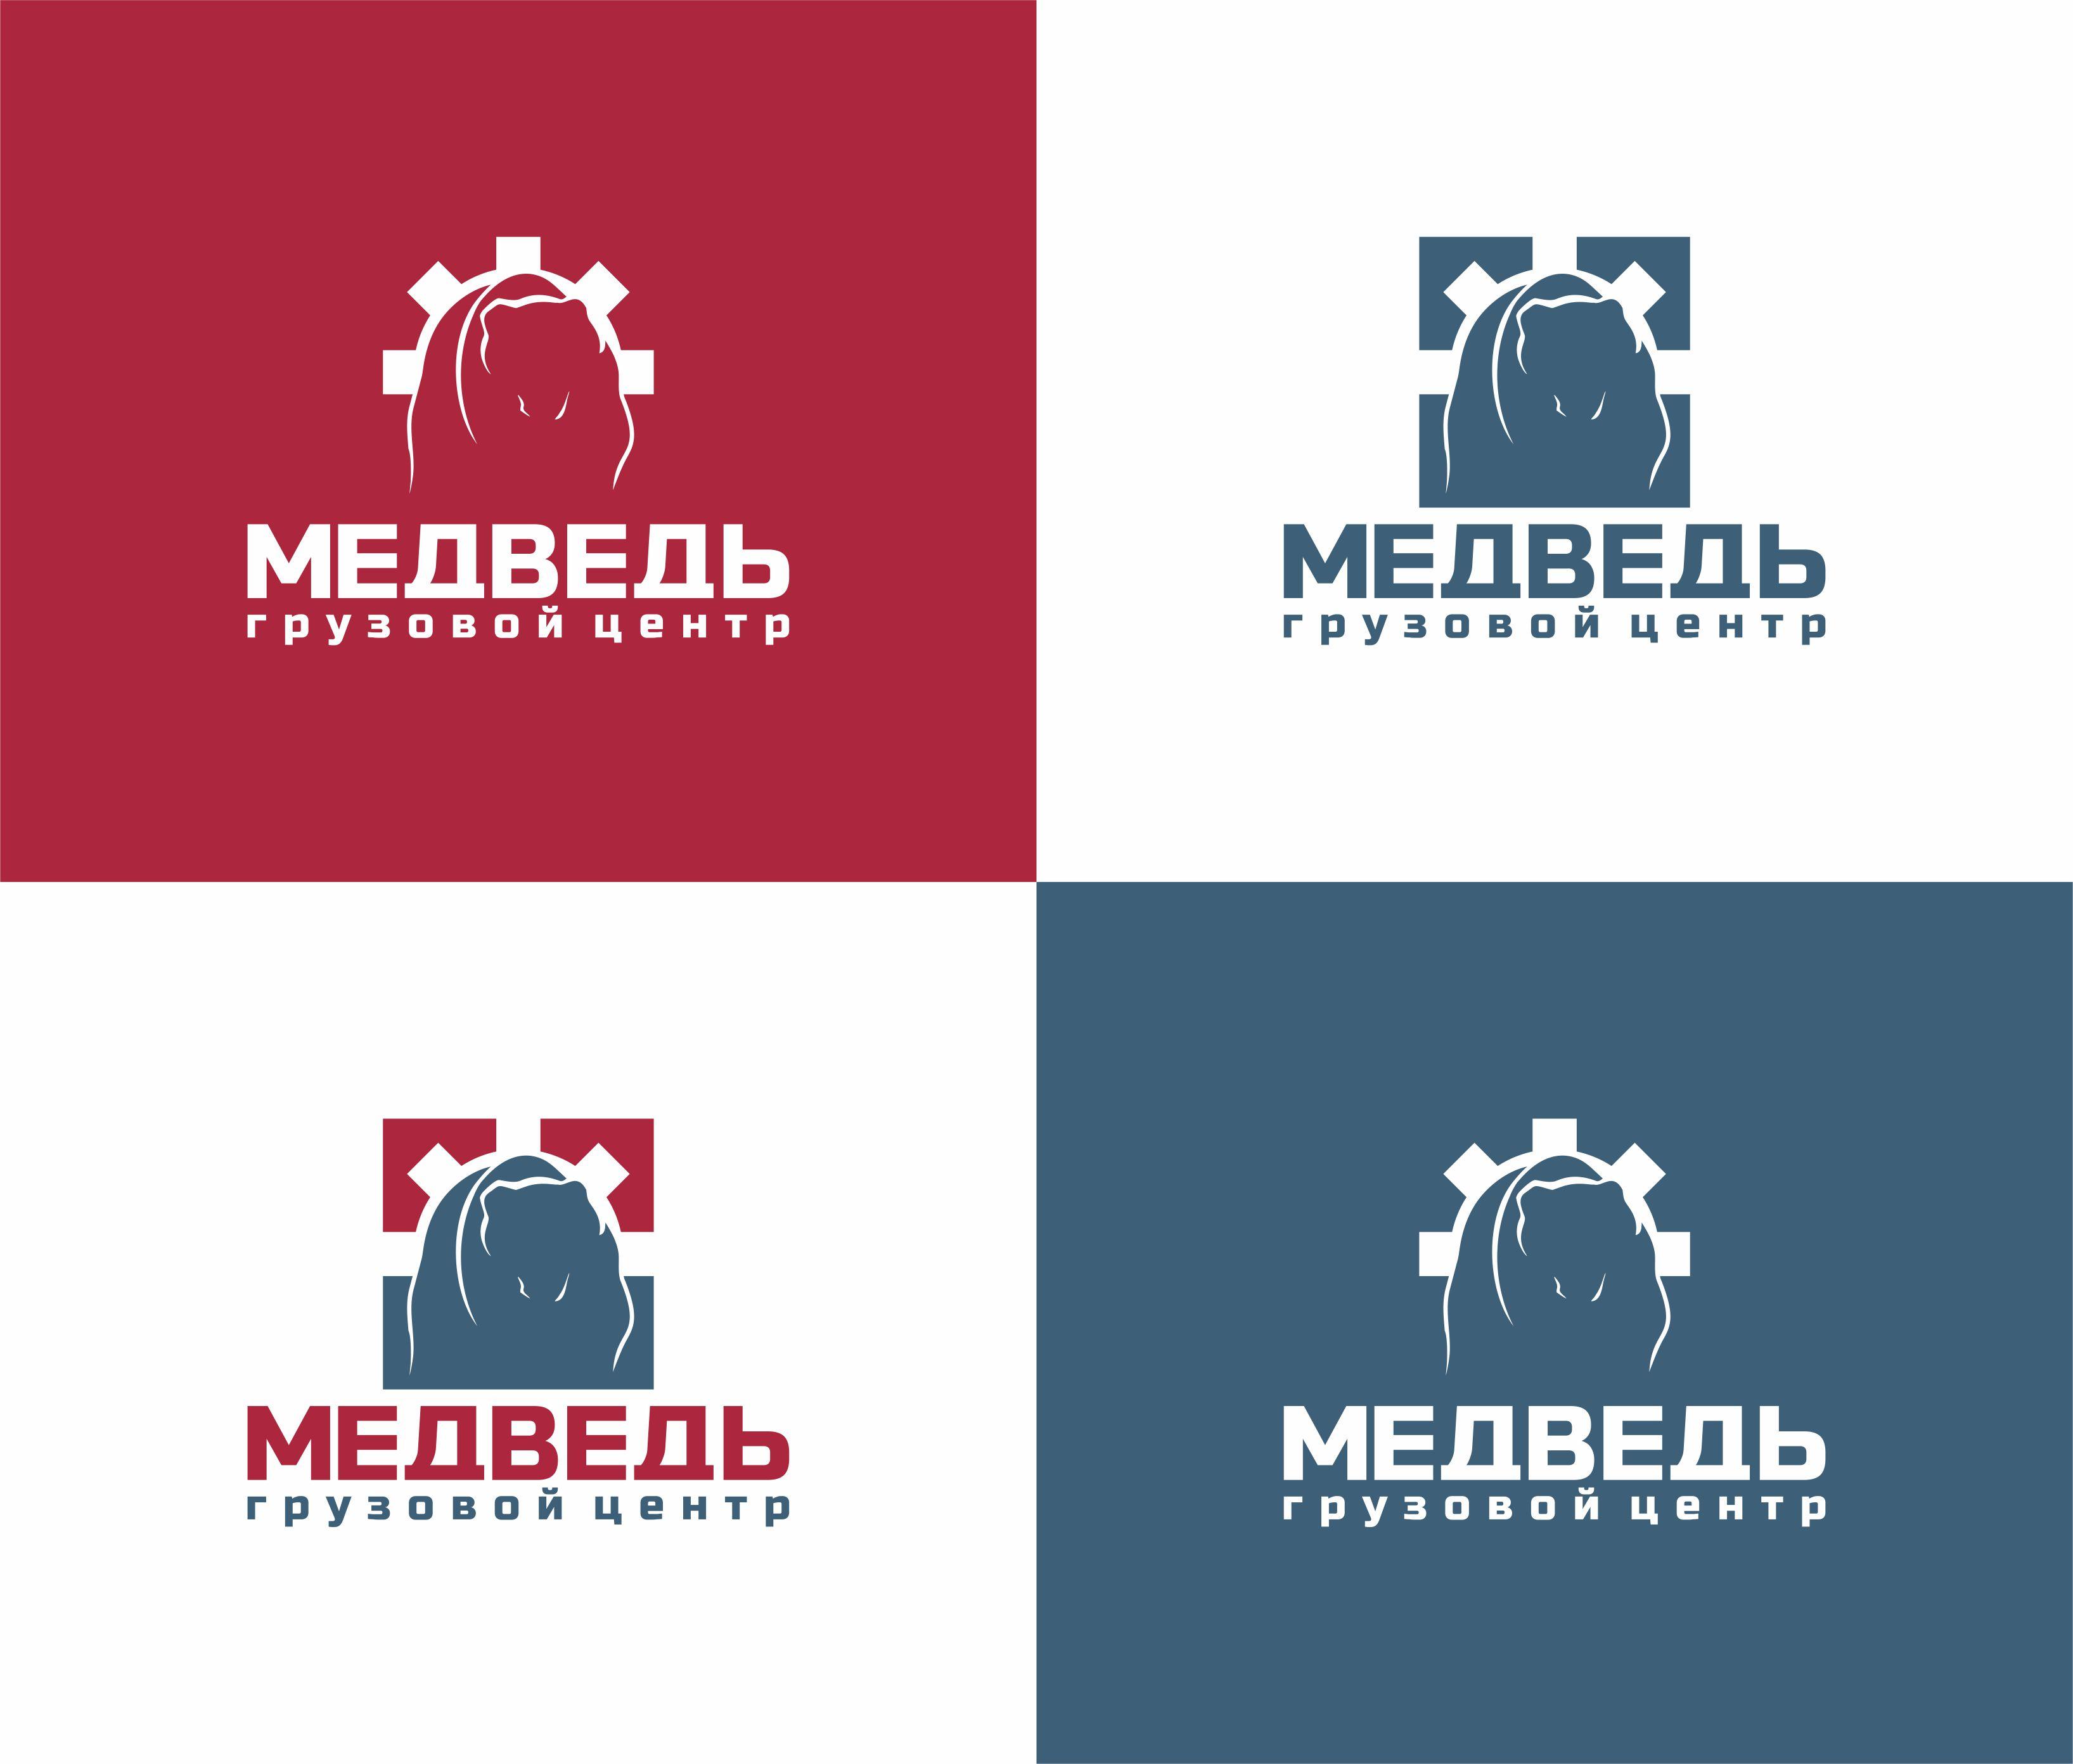 Разработка логотипа фото f_7035abc8bb213e51.jpg